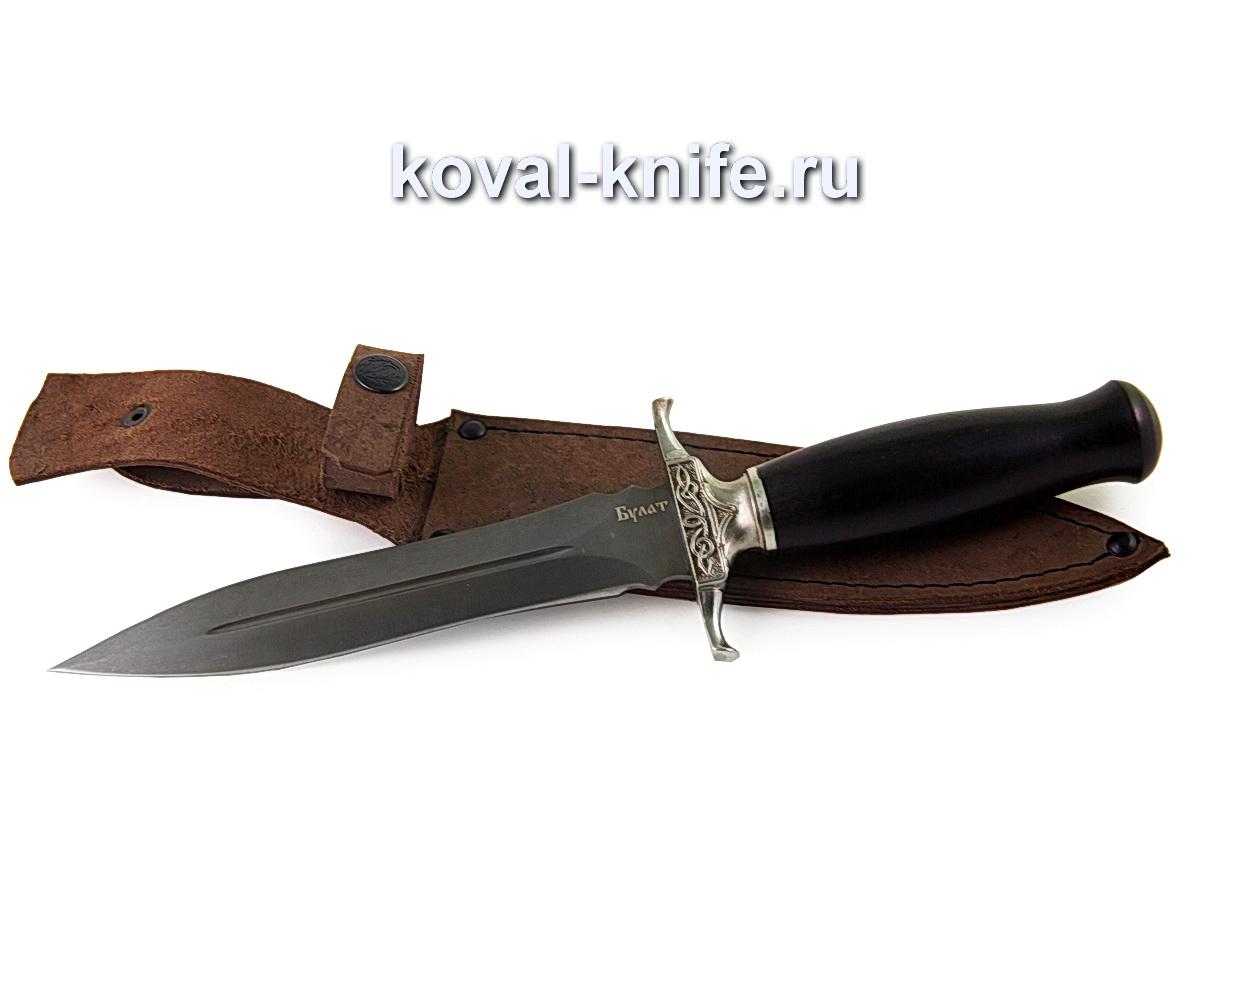 Нож из булатной стали Кардинал (рукоять граб, литье мельхиор) A379